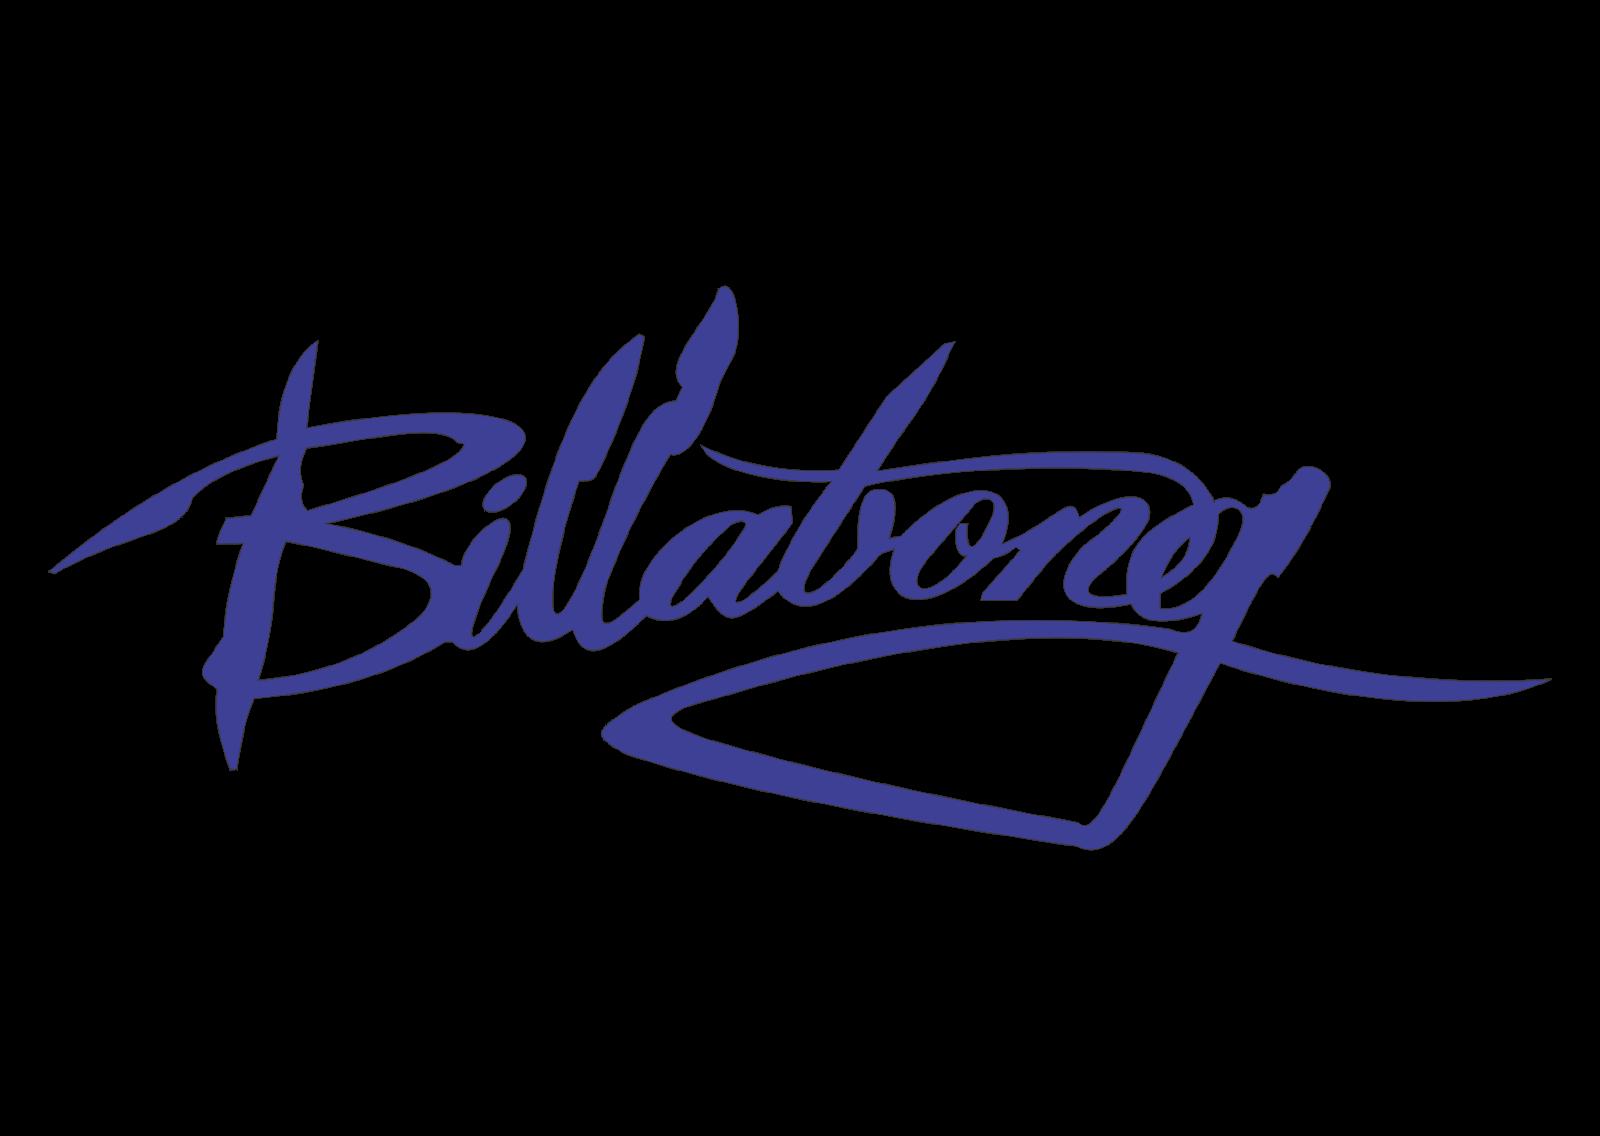 Billabong svg #16, Download drawings